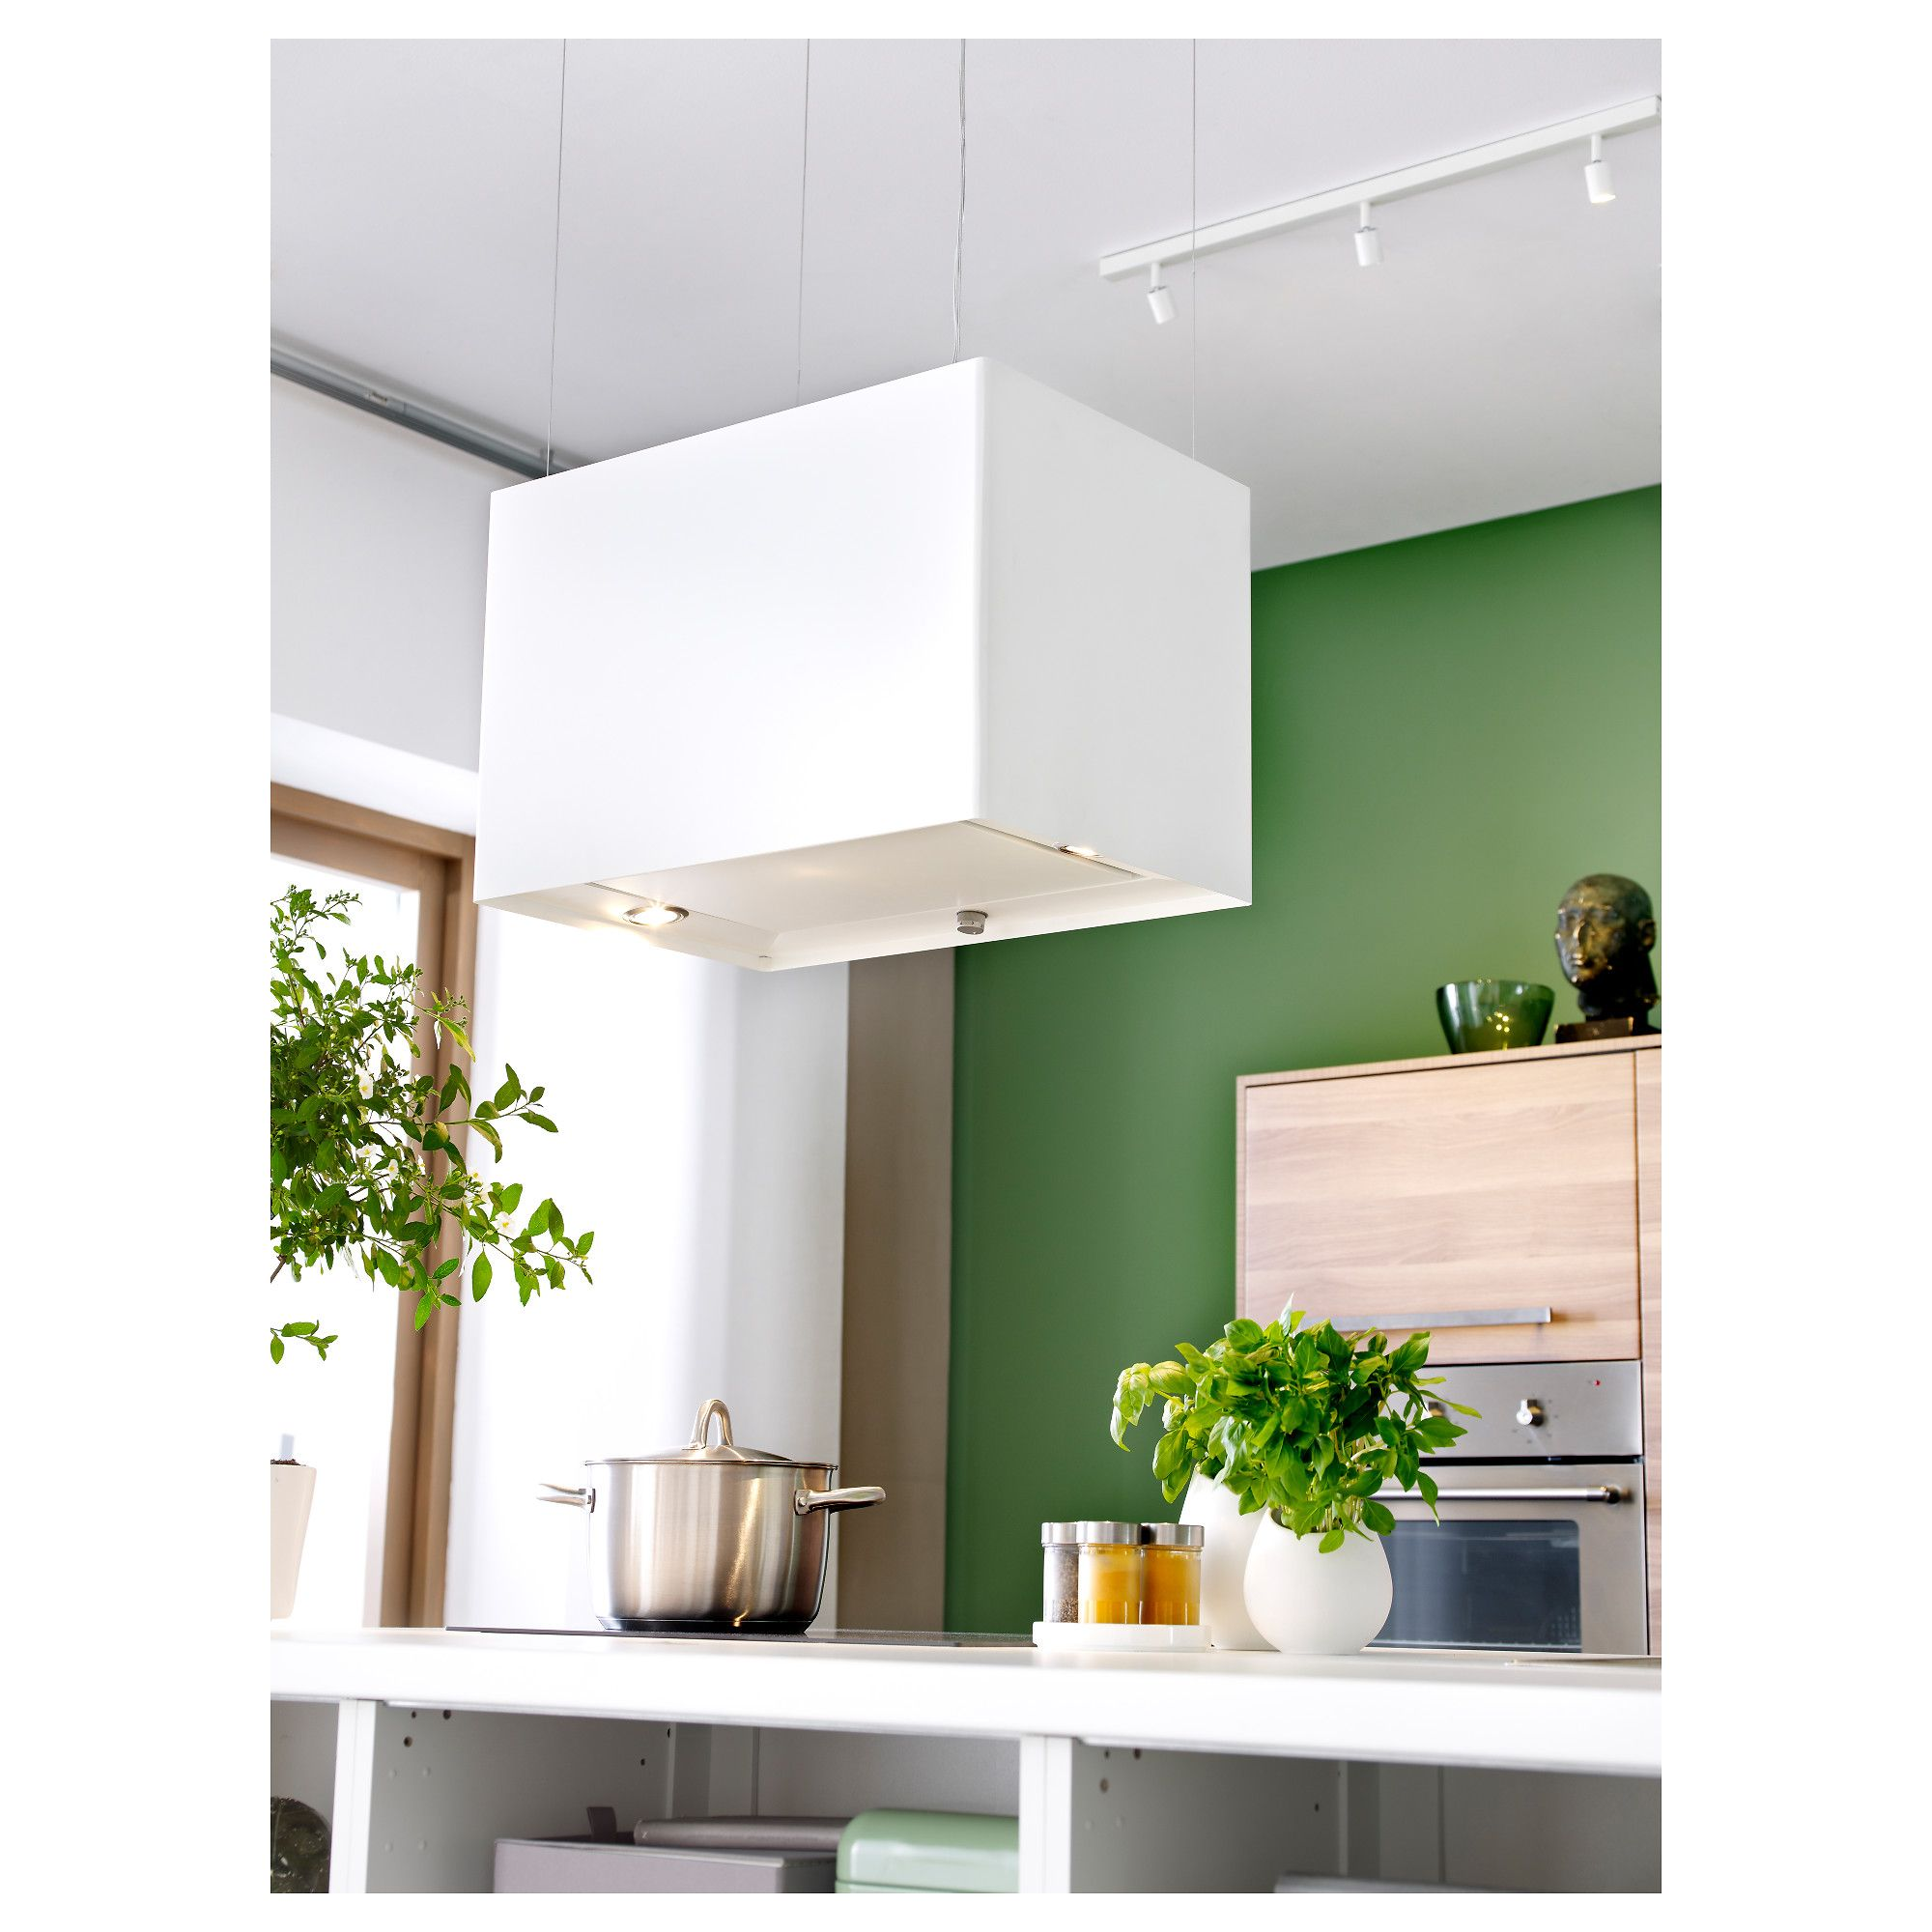 Ikea Cappe Da Cucina | Cappe Aspiranti Ikea Ikea Cappa Cucina Idee ...